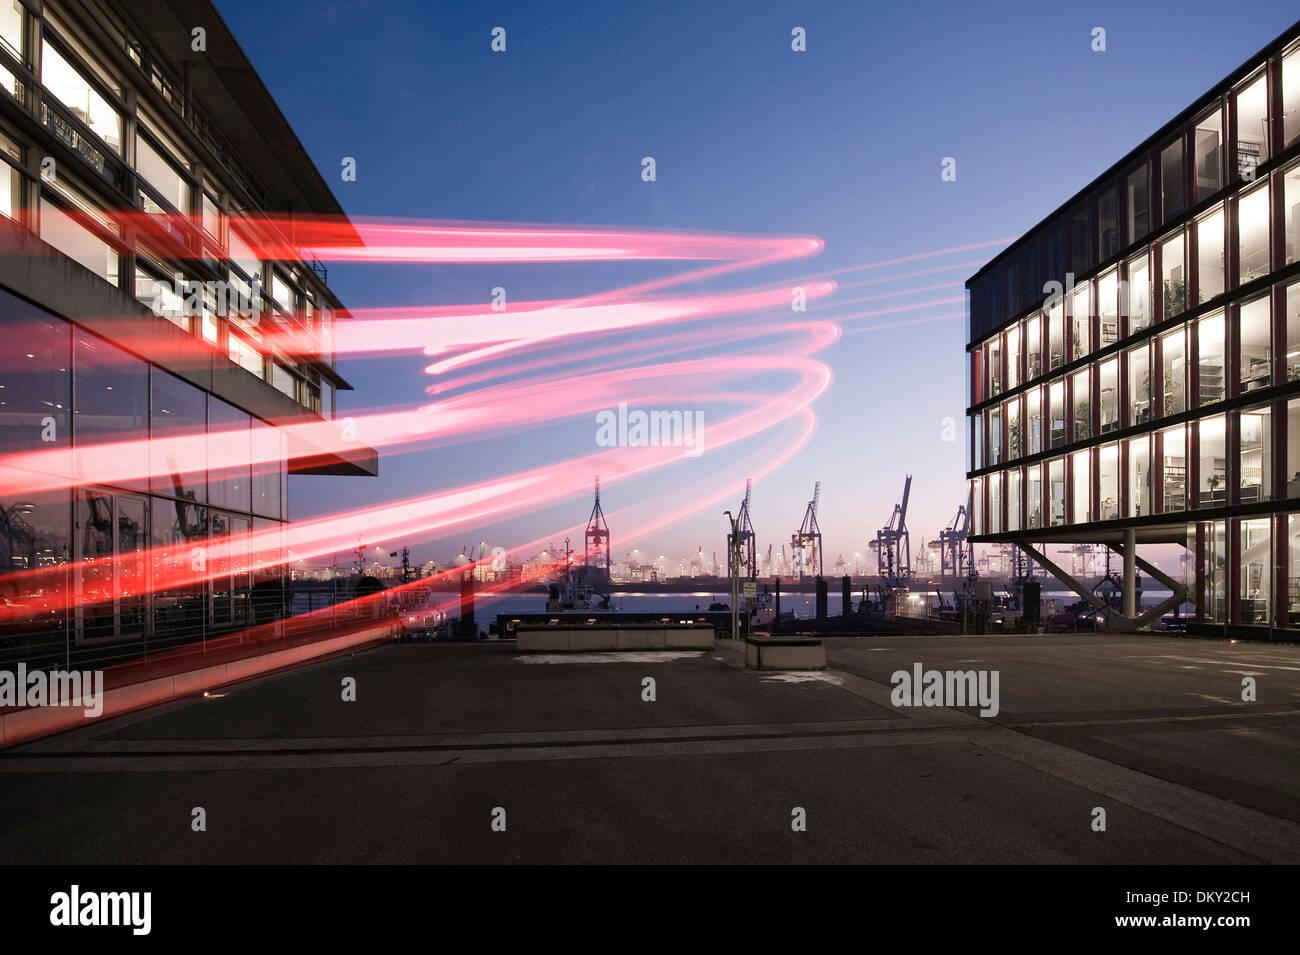 Neumühlen, moderni edifici per uffici, porto di gru di sera, Amburgo, Germania, Europa Immagini Stock